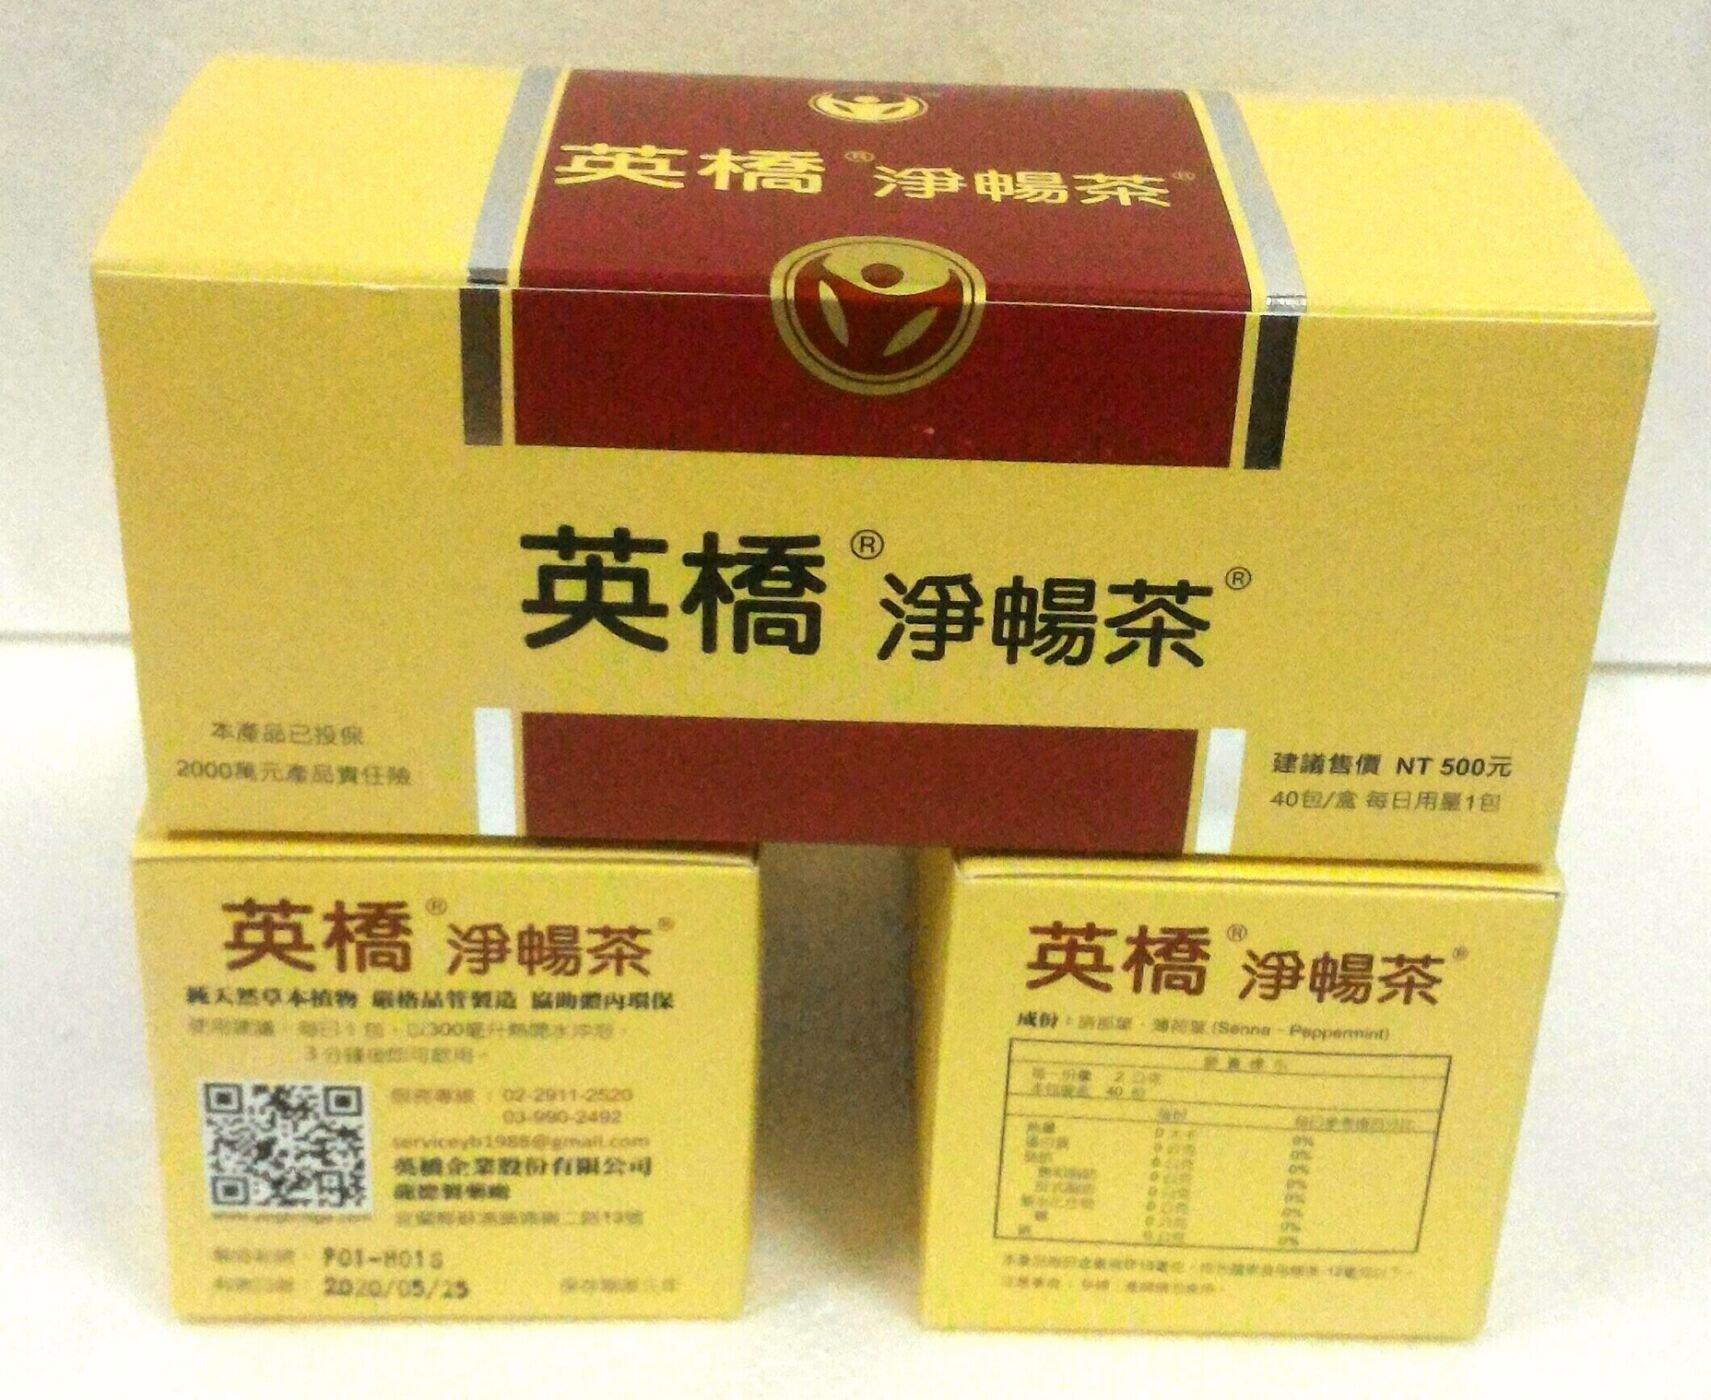 英橋淨暢茶 - 每盒$450 - 買五送一